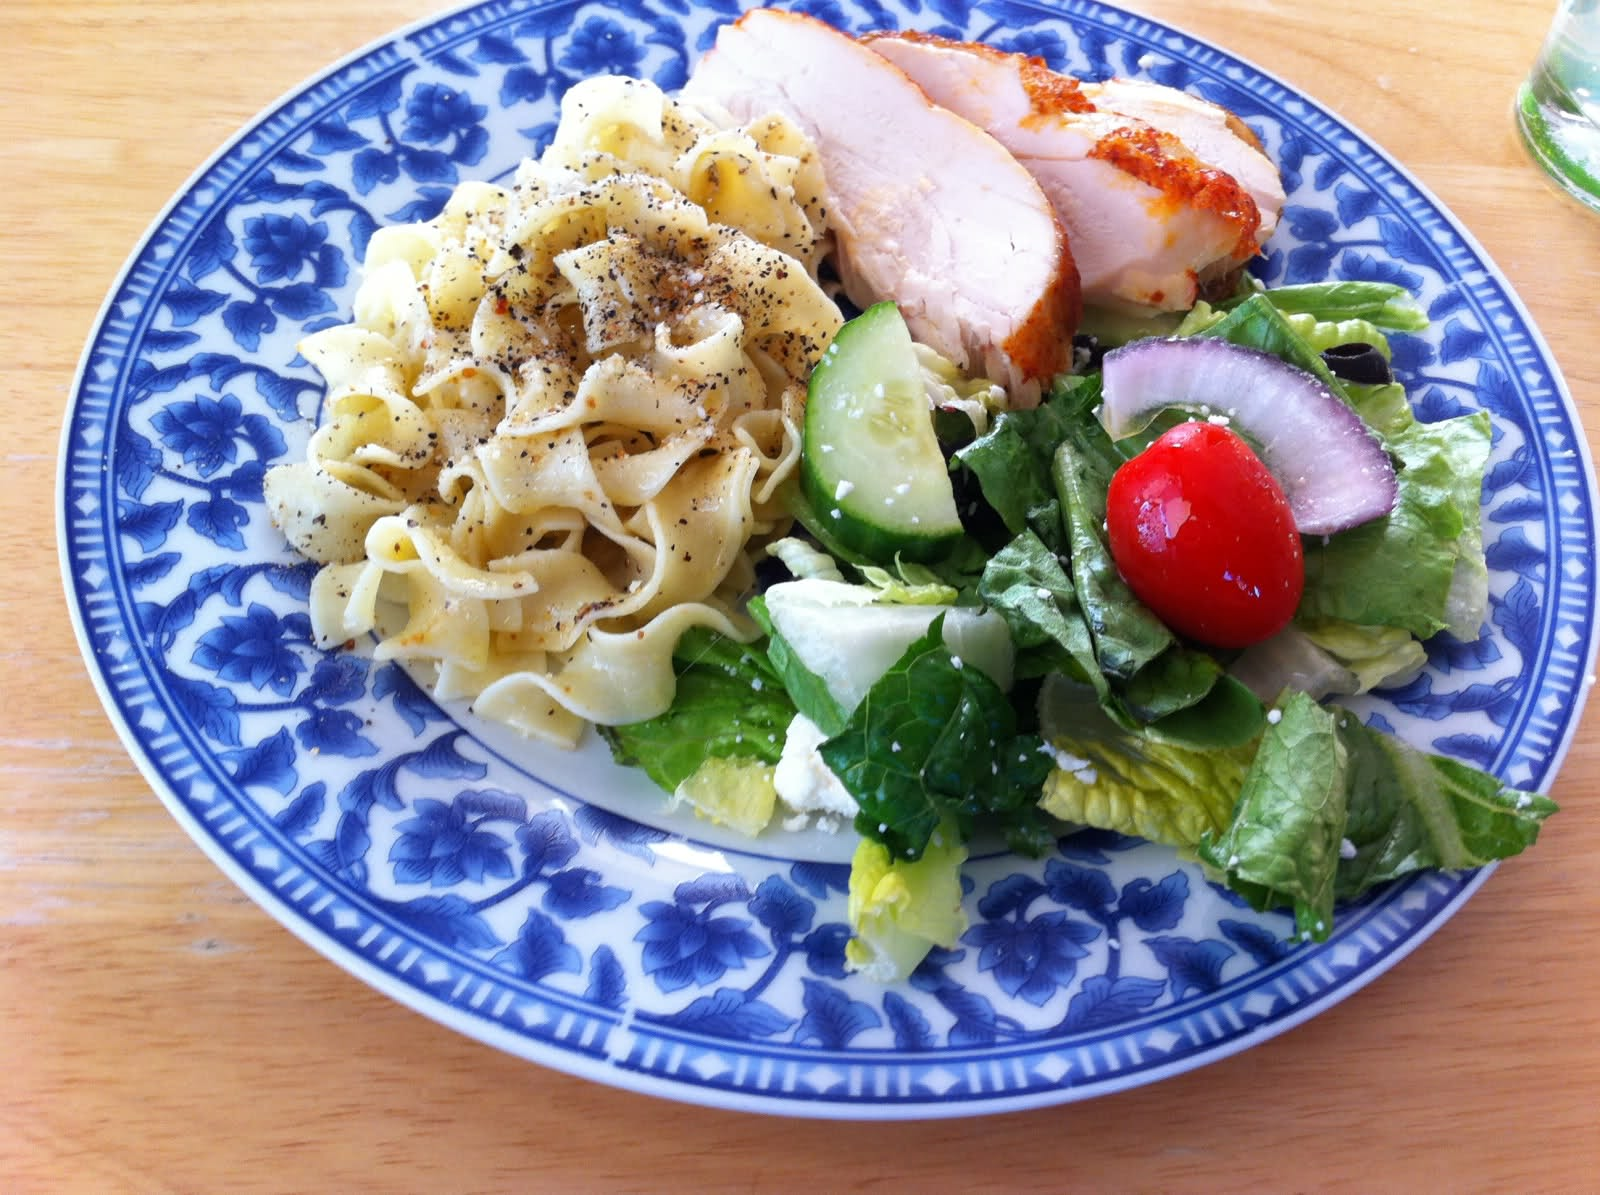 Shortcut Recipes: Pasta In A Pinch